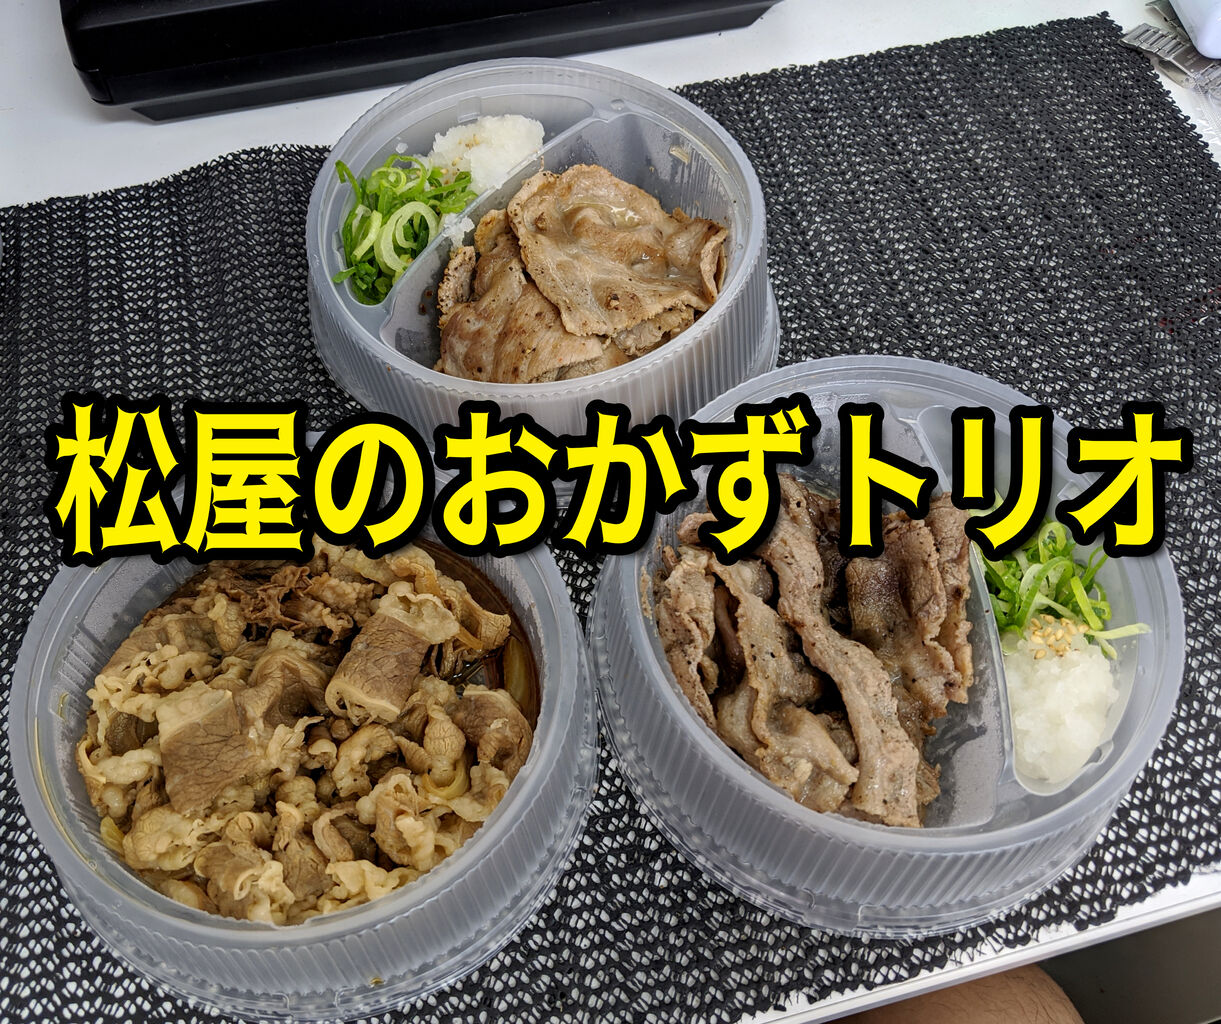 スタミナが欲しかったら松屋の「おかずトリオ」を食えッ! 3種のおかずをご飯に全部載せたら完全に二郎だ